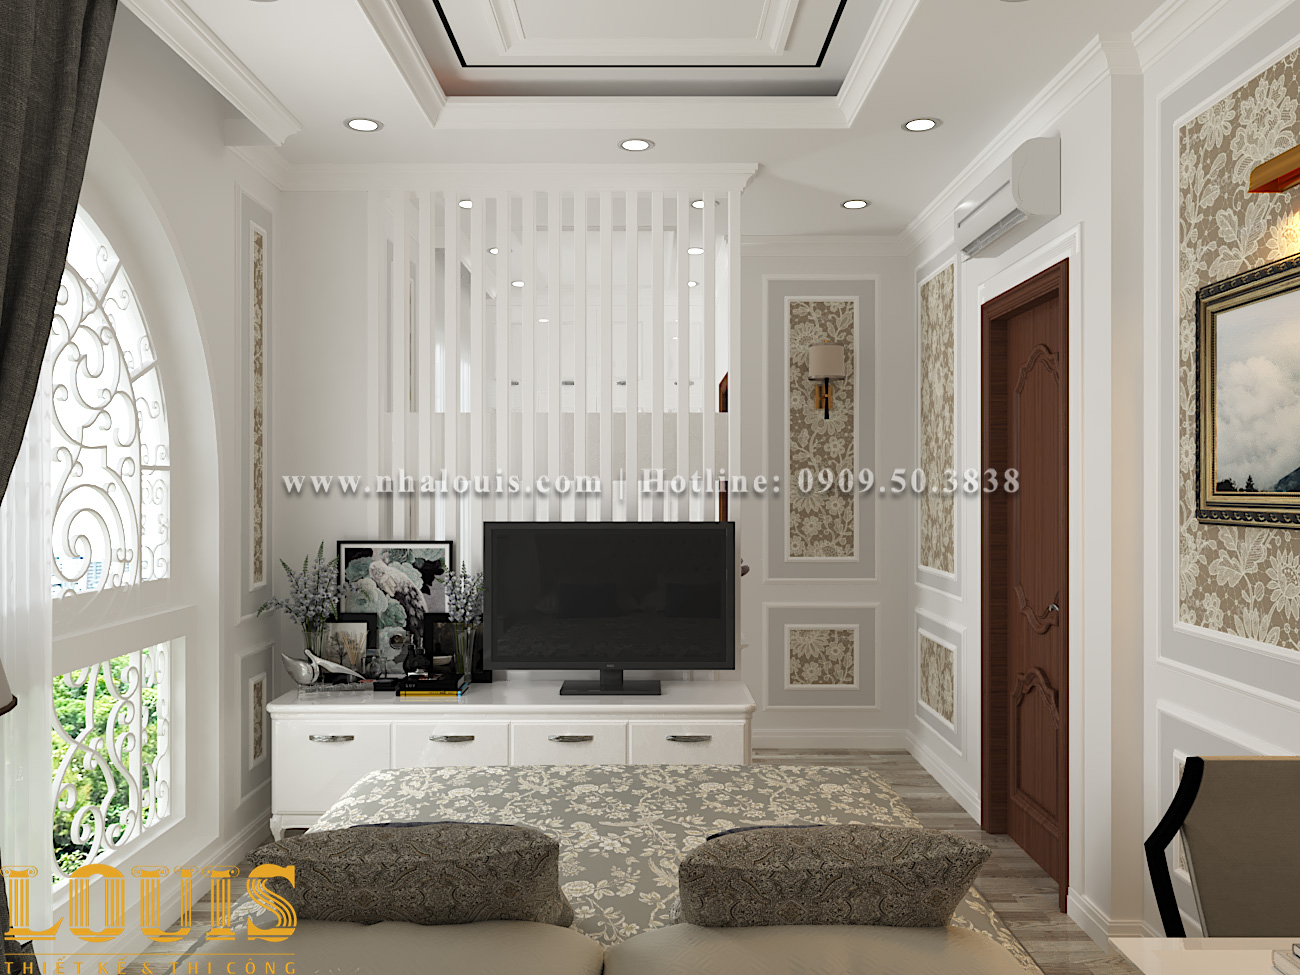 Phòng ngủ Mẫu nhà ống tân cổ điển 4 tầng tại Gò Vấp đẹp sang chảnh - 23